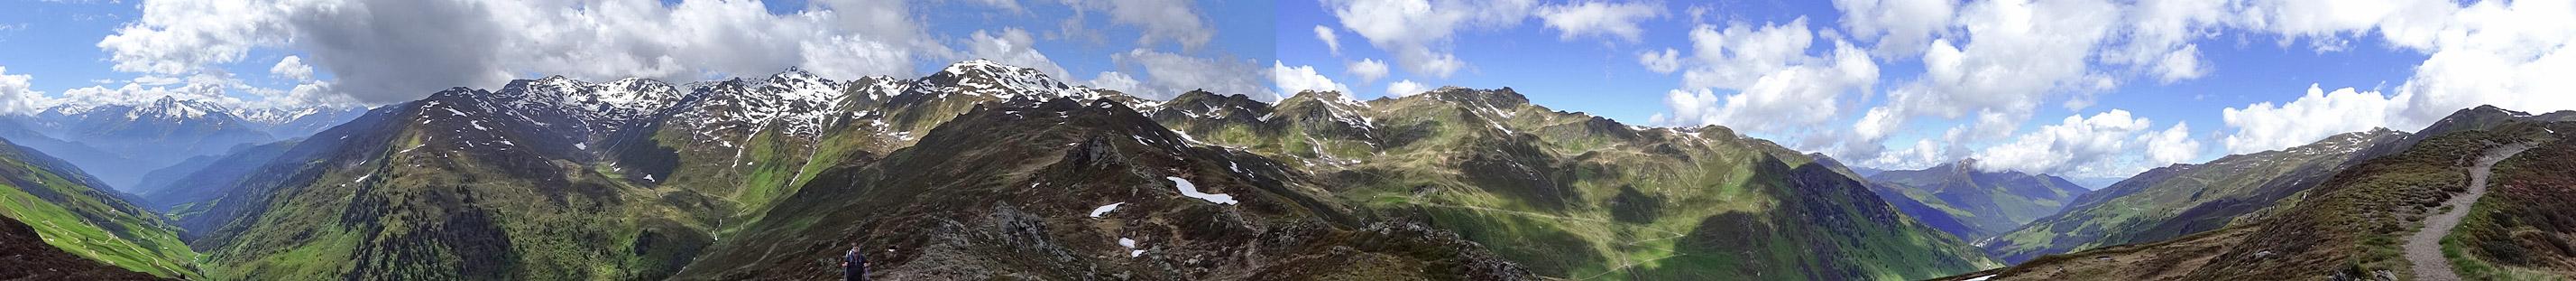 Alpen-Panorama - rund um den Gipfel